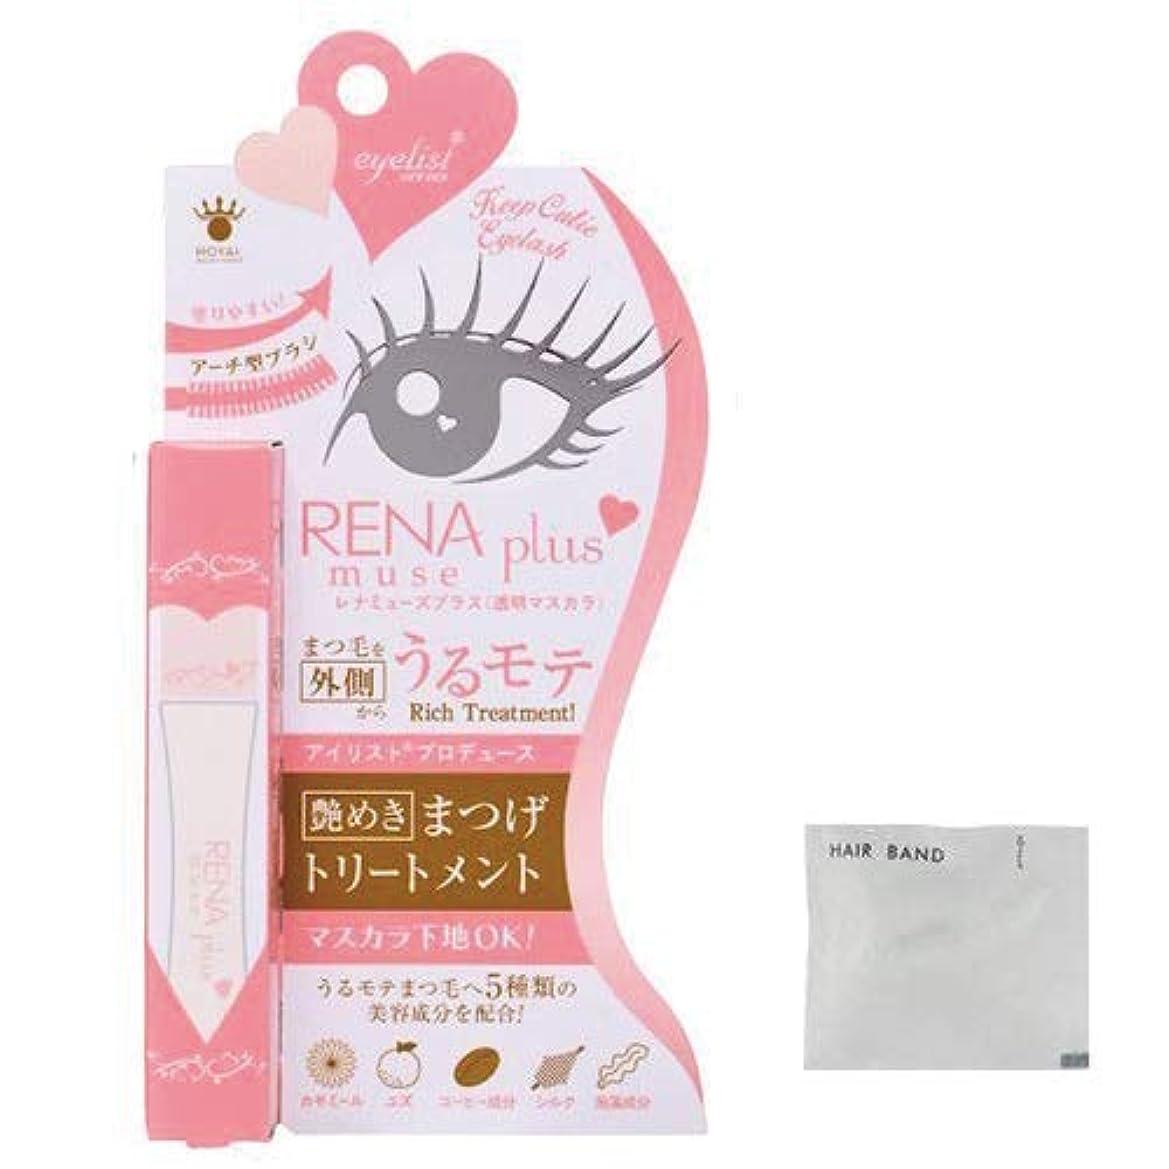 ハブブ教養があるパラナ川アイリスト(eyelist) RENA muse plus(レナミューズプラス) 8g + ヘアゴム(カラーはおまかせ)セット